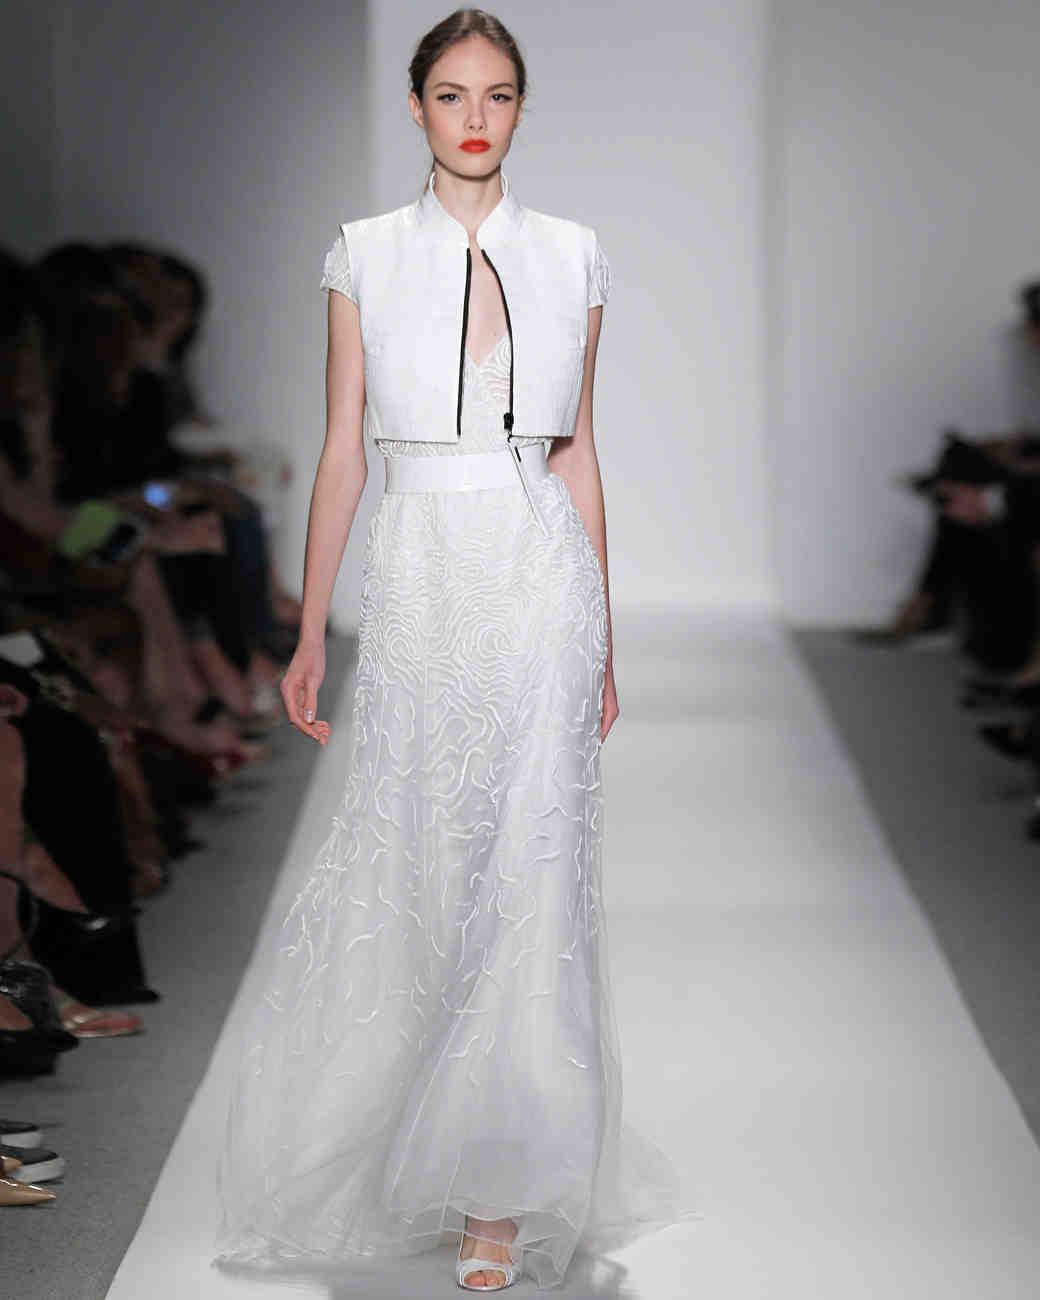 Wedding-Worthy Dresses From New York Fashion Week